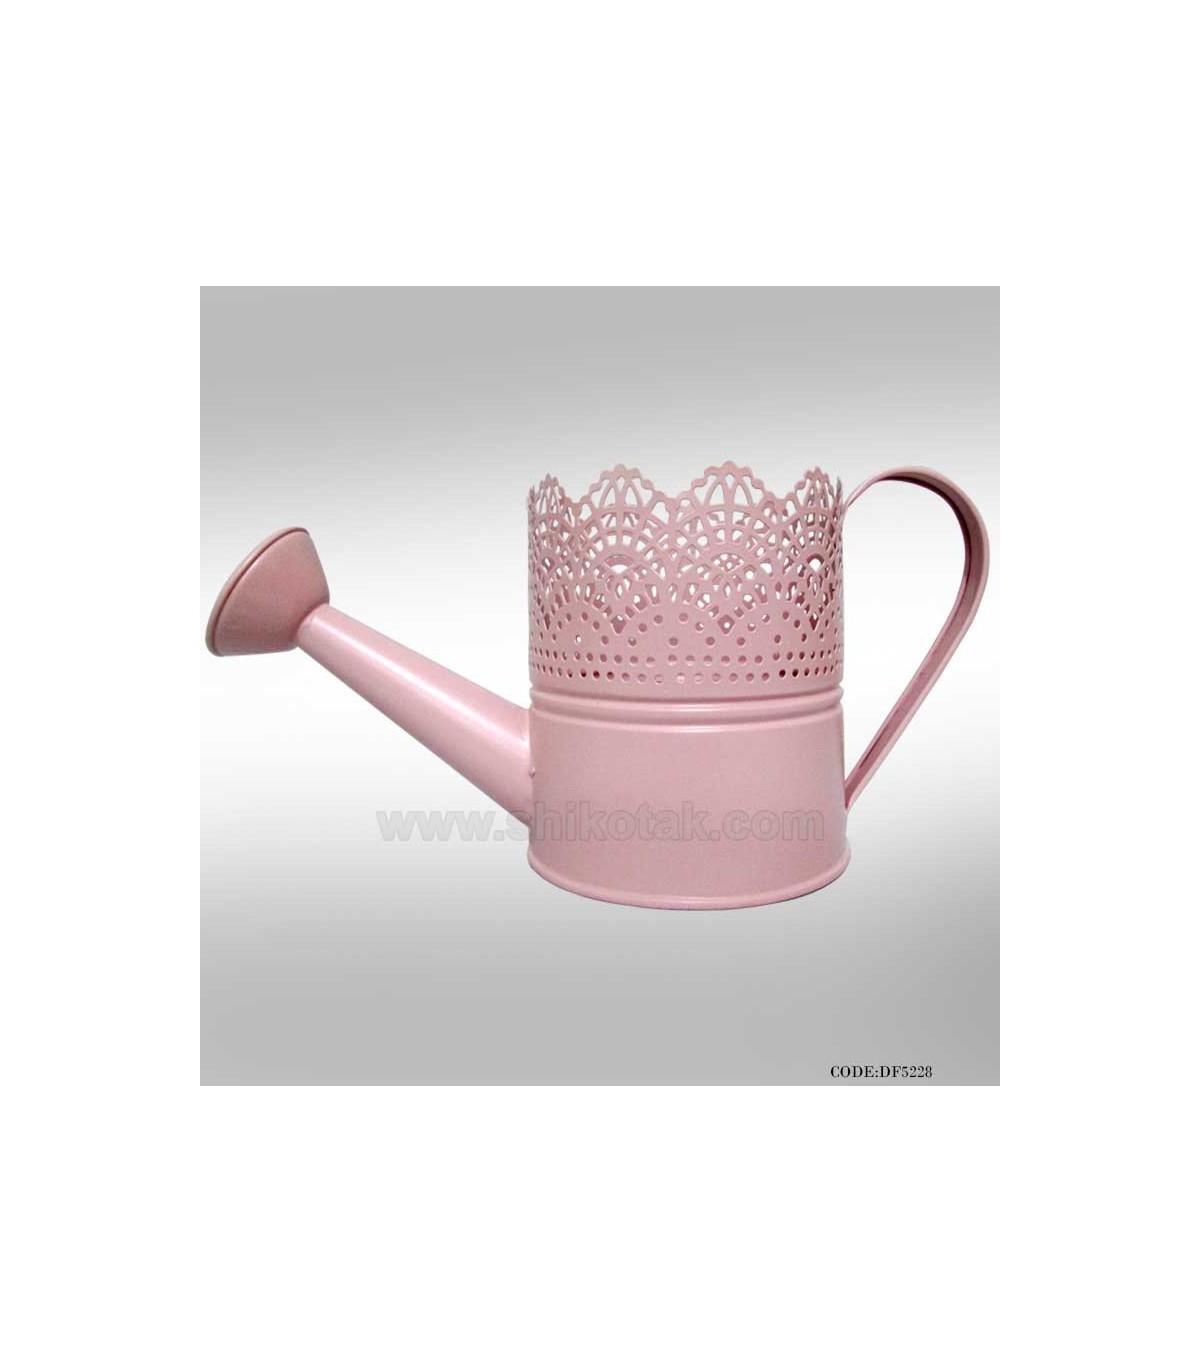 جدیدترین مدل گلدان آبپاش ایکیایی